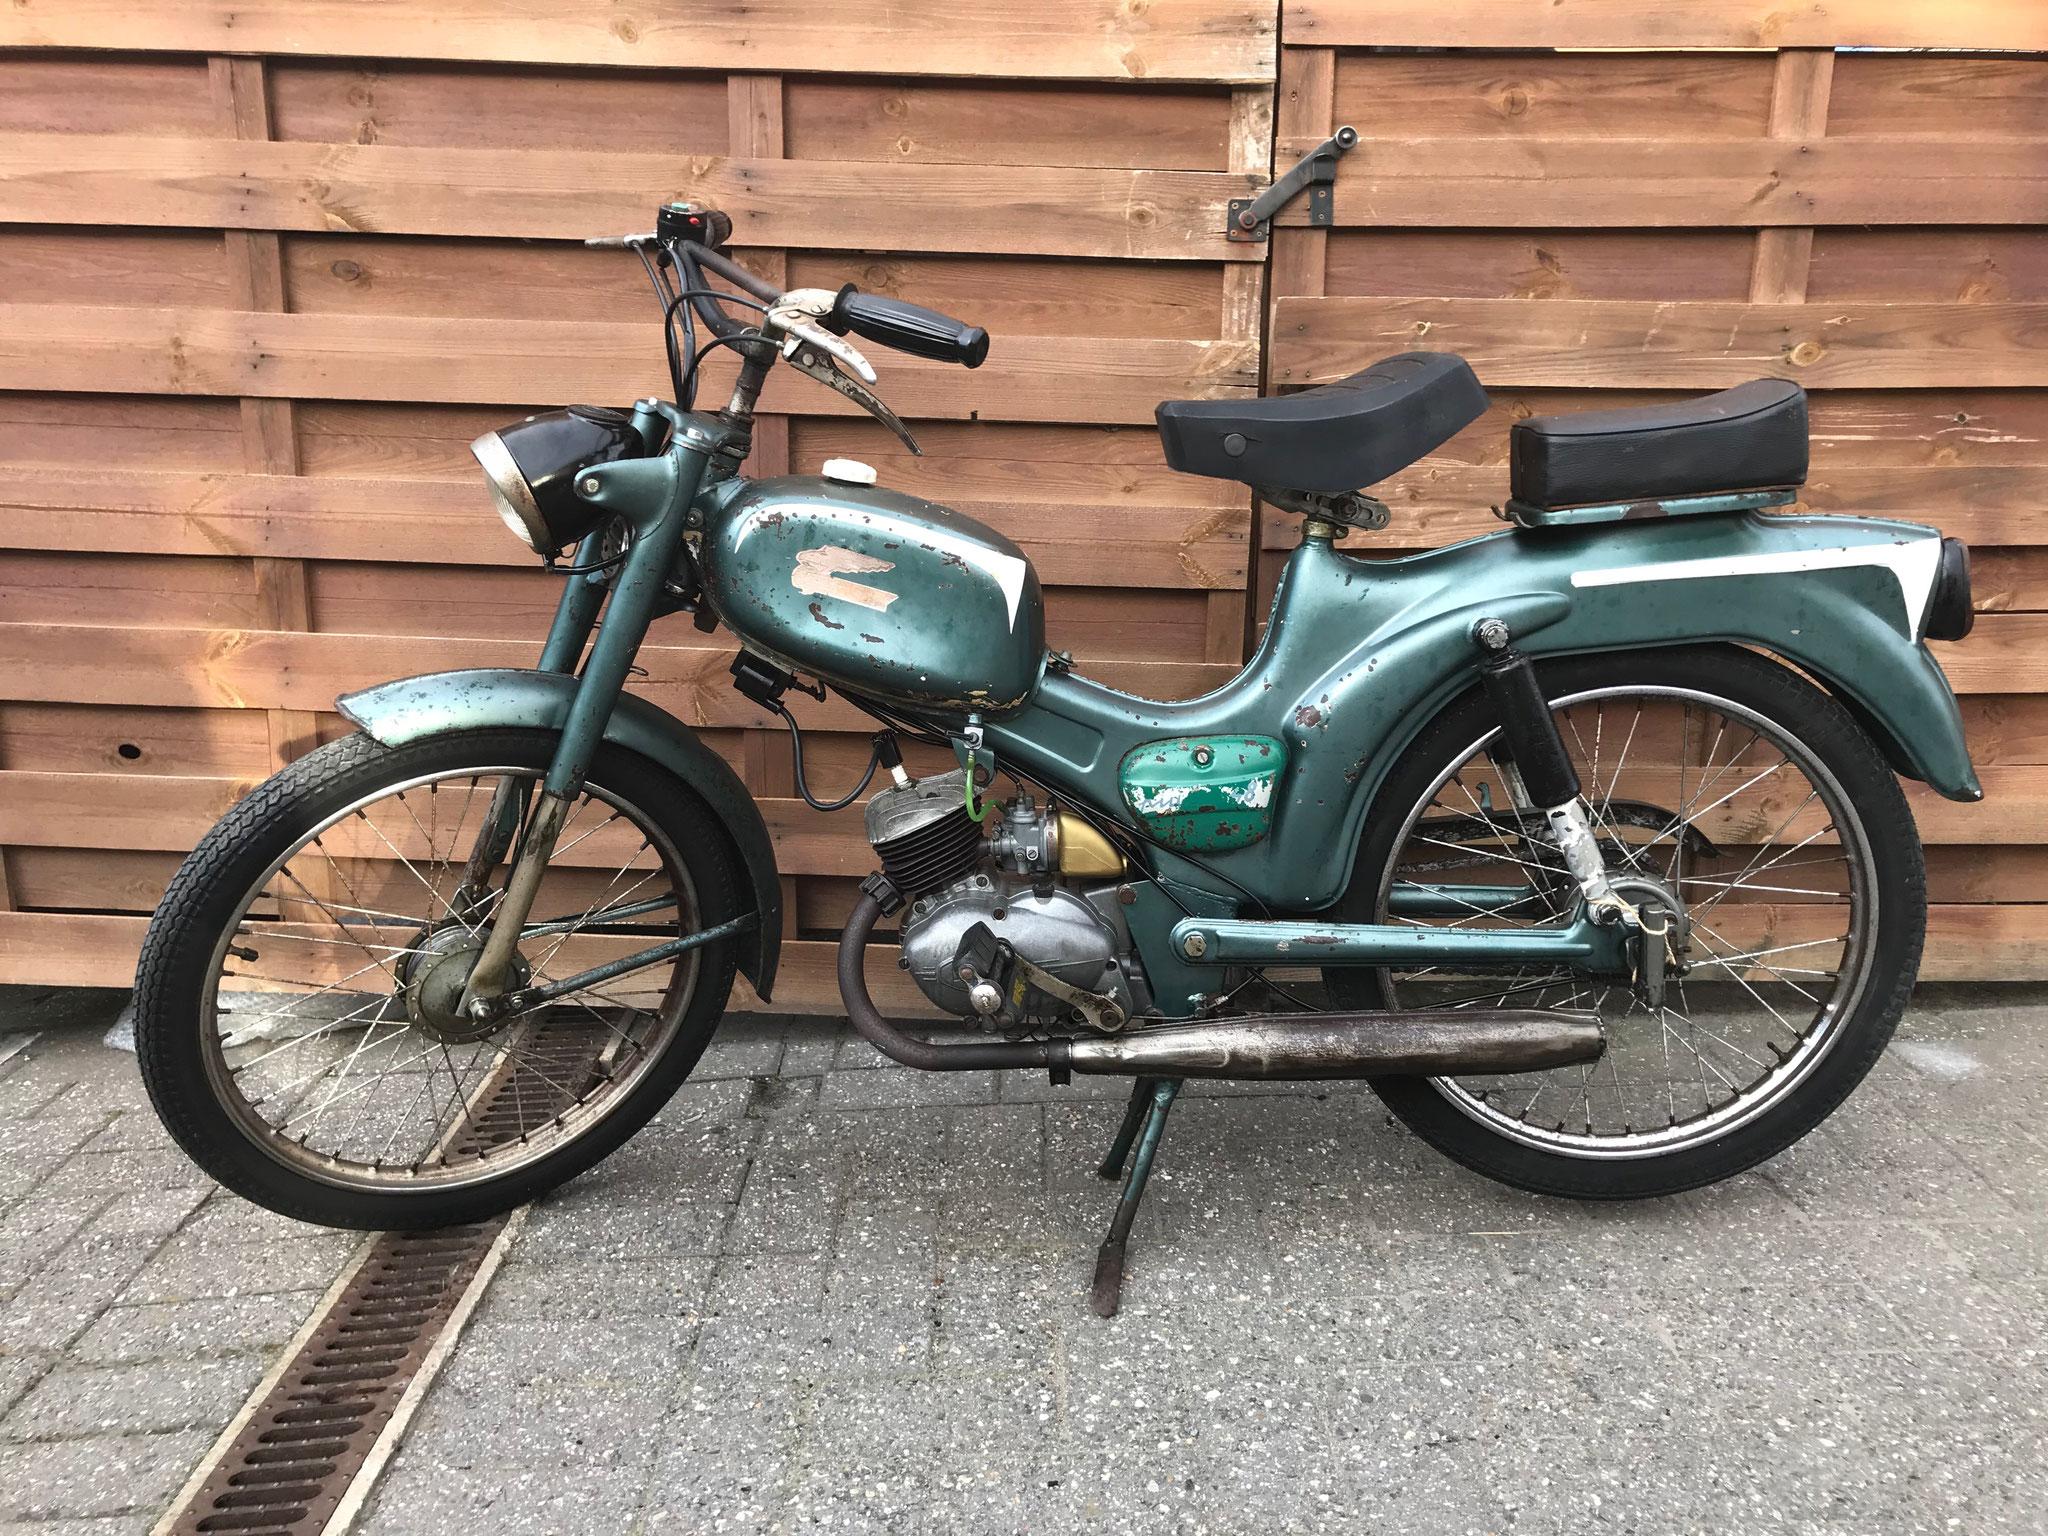 Oldtimer Ducati Brisk